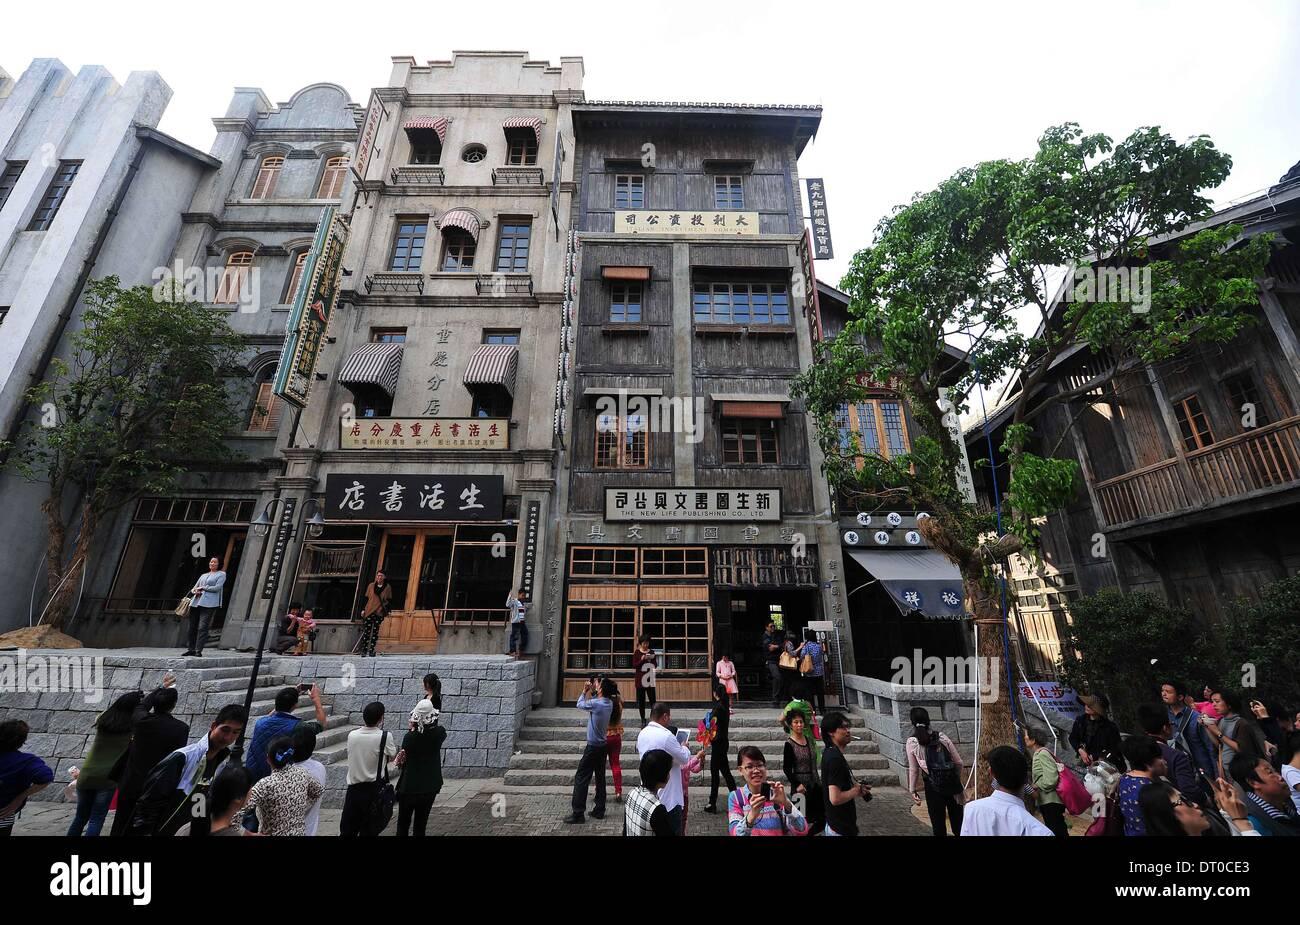 """Haikou, cinese della provincia di Hainan. 5 febbraio, 2014. Turisti visitano la """"strada nello stile della Cina nel 1942' in Haikou, capitale del sud della Cina di Hainan Provincia, Febbraio 5, 2014. Come una parte di direttore Feng Antonio's movie theme park, recentemente inaugurato street imitando scene di Feng il film '1942' testimoni di un picco del turismo di recente. Credito: Guo Cheng/Xinhua/Alamy Live News Immagini Stock"""